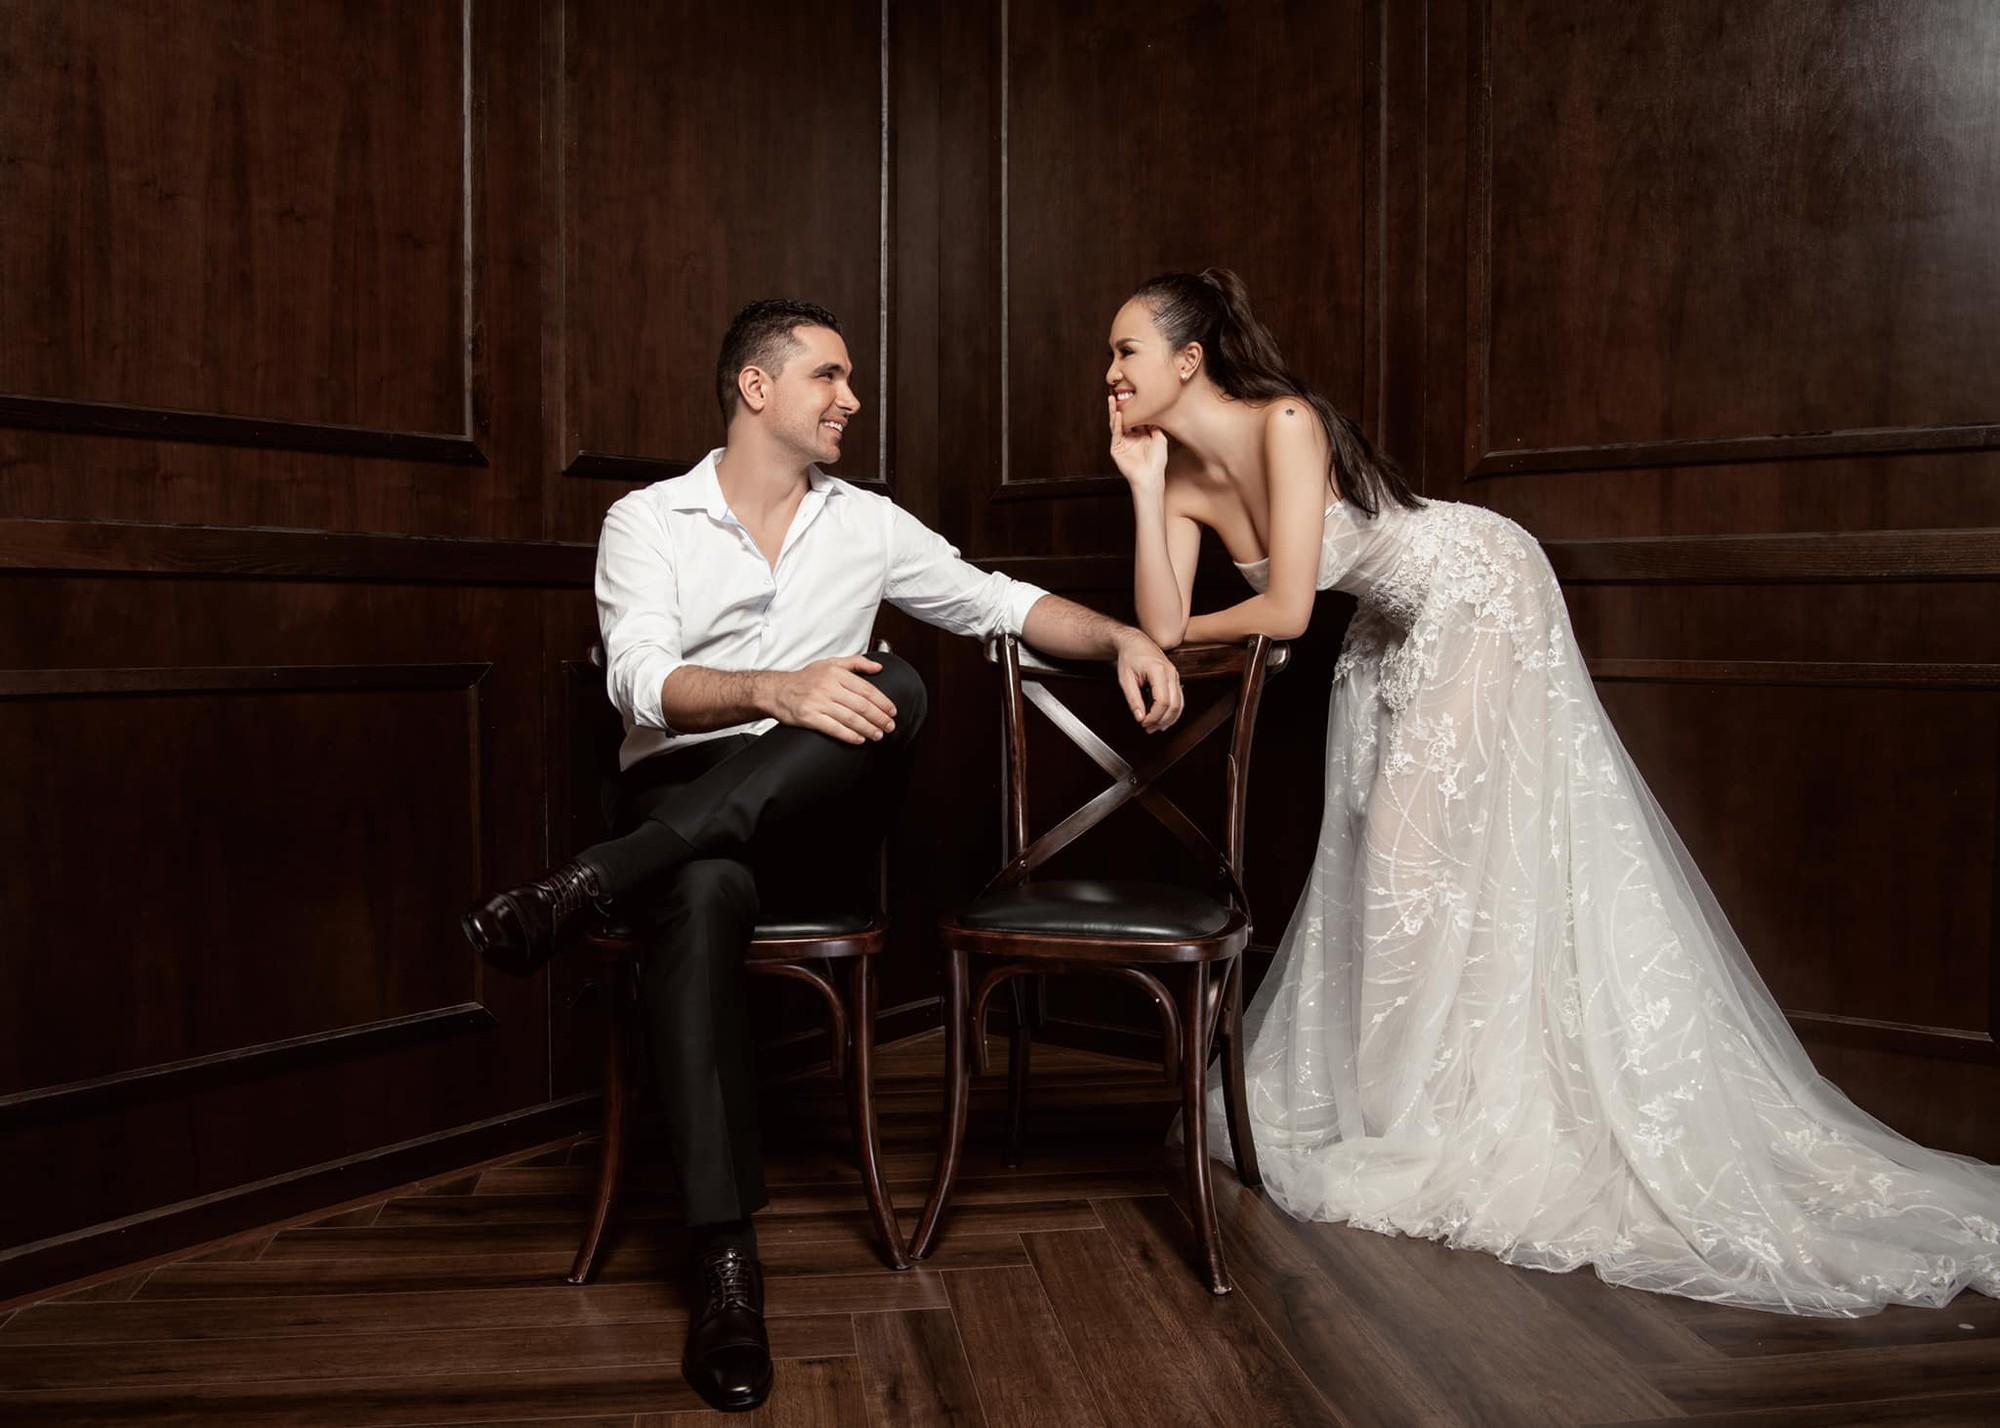 """Gấp rút chụp hình cưới, lộ vòng 2 to bất thường, Mai Phương bị nghi """"cưới chạy bầu"""" và đây là câu trả lời của cô - Ảnh 1."""